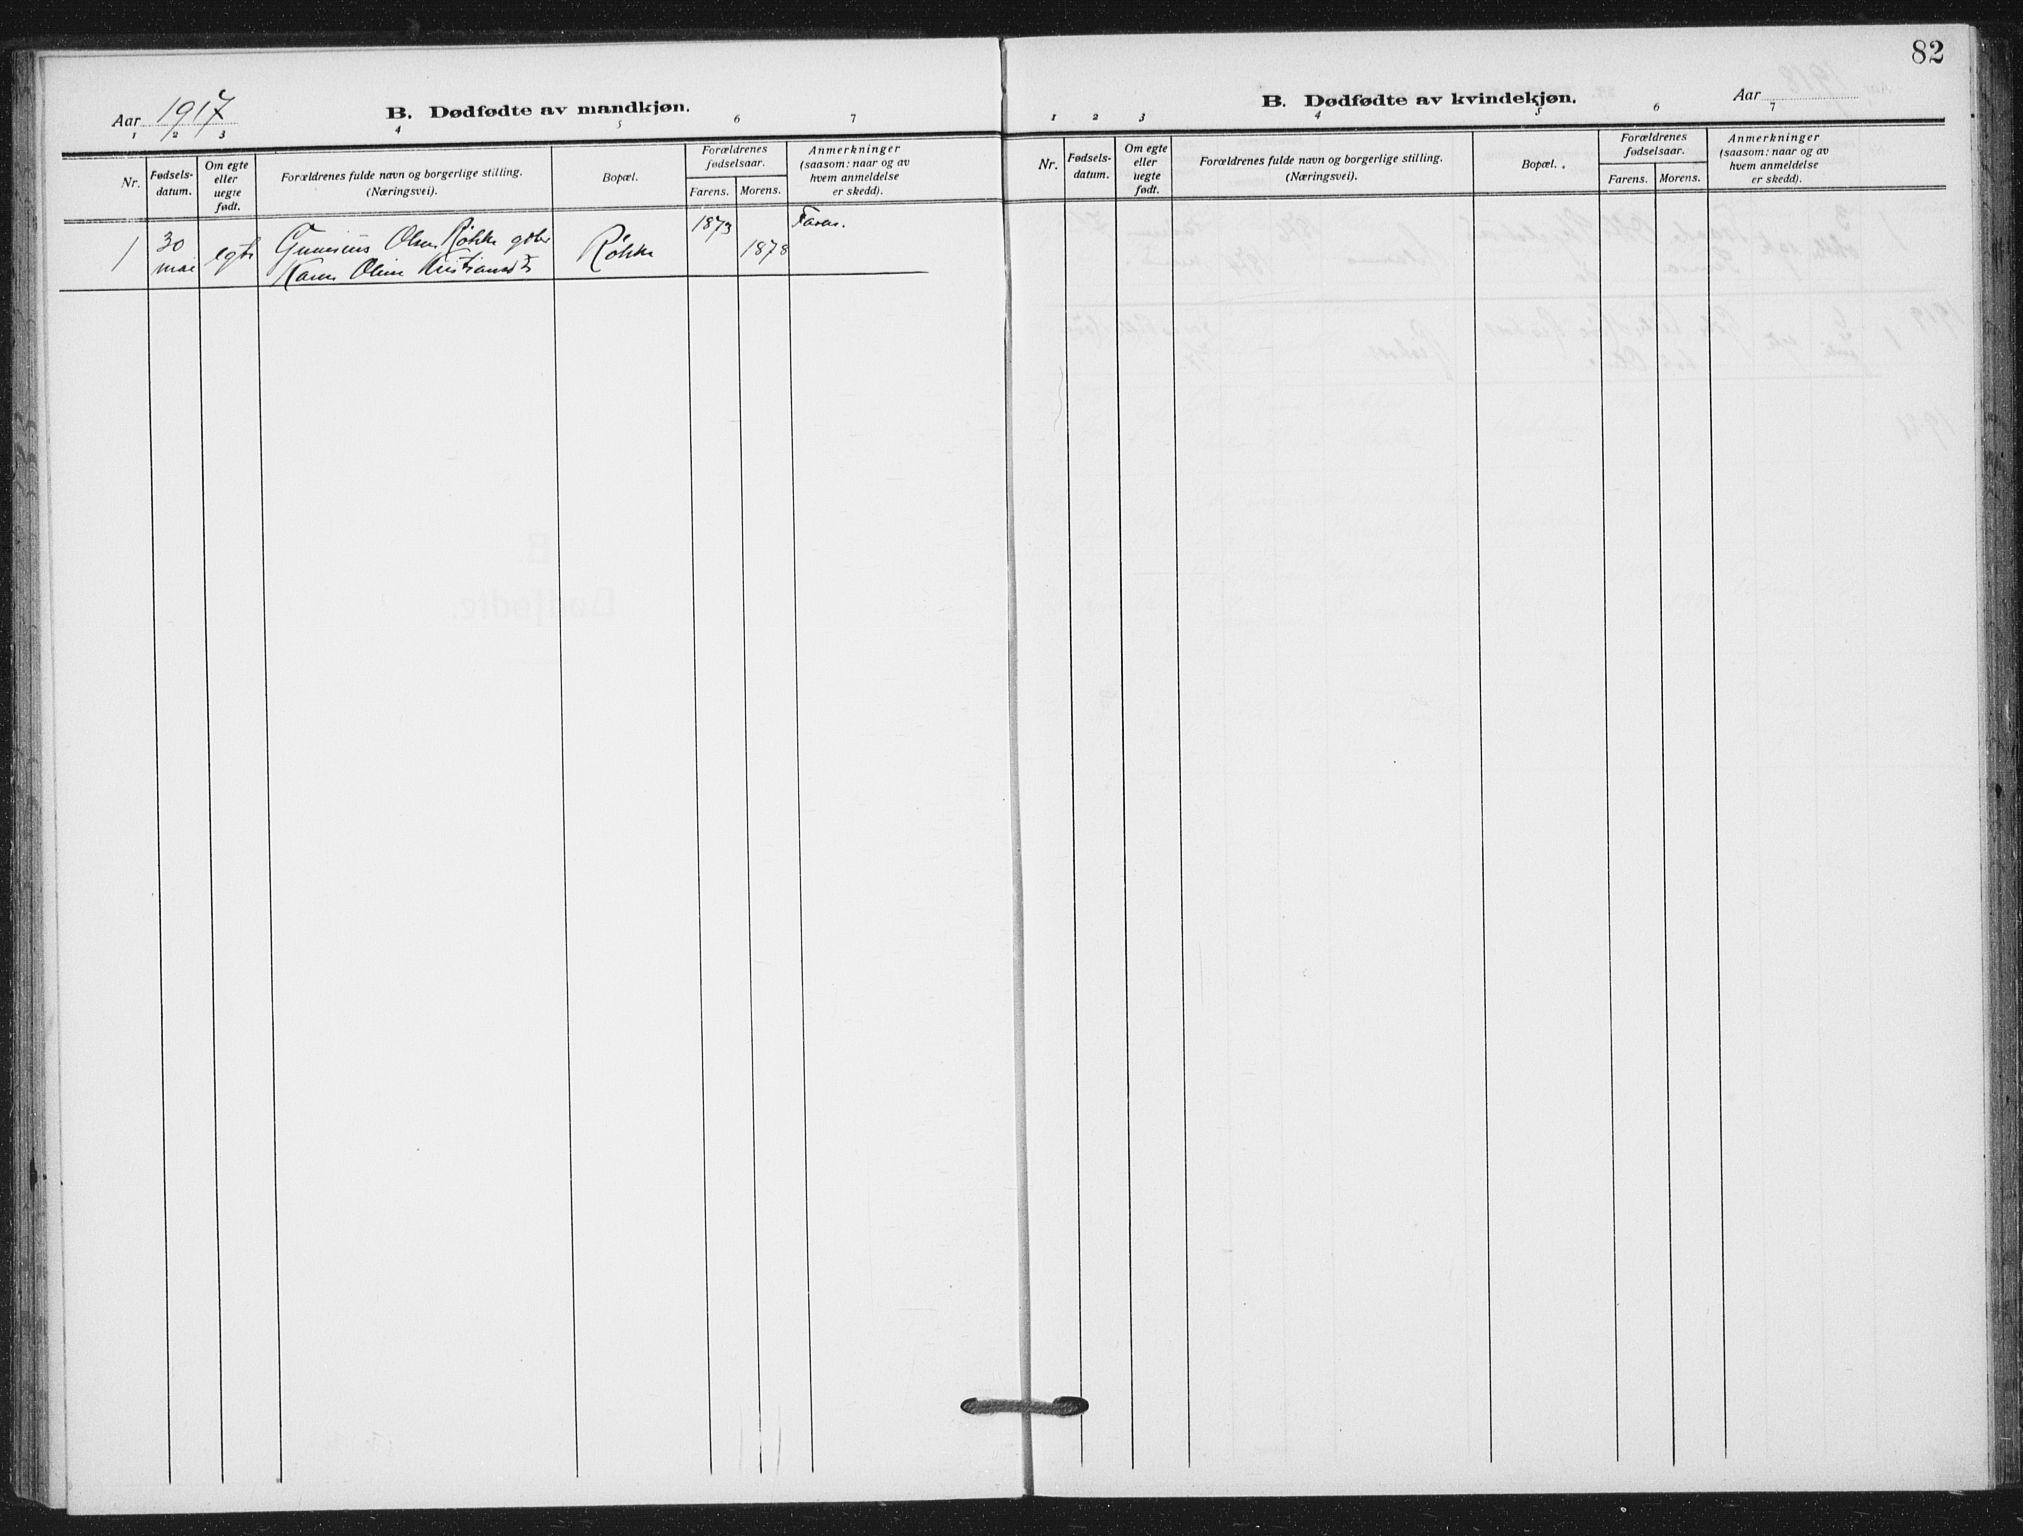 SAT, Ministerialprotokoller, klokkerbøker og fødselsregistre - Nord-Trøndelag, 712/L0102: Ministerialbok nr. 712A03, 1916-1929, s. 82